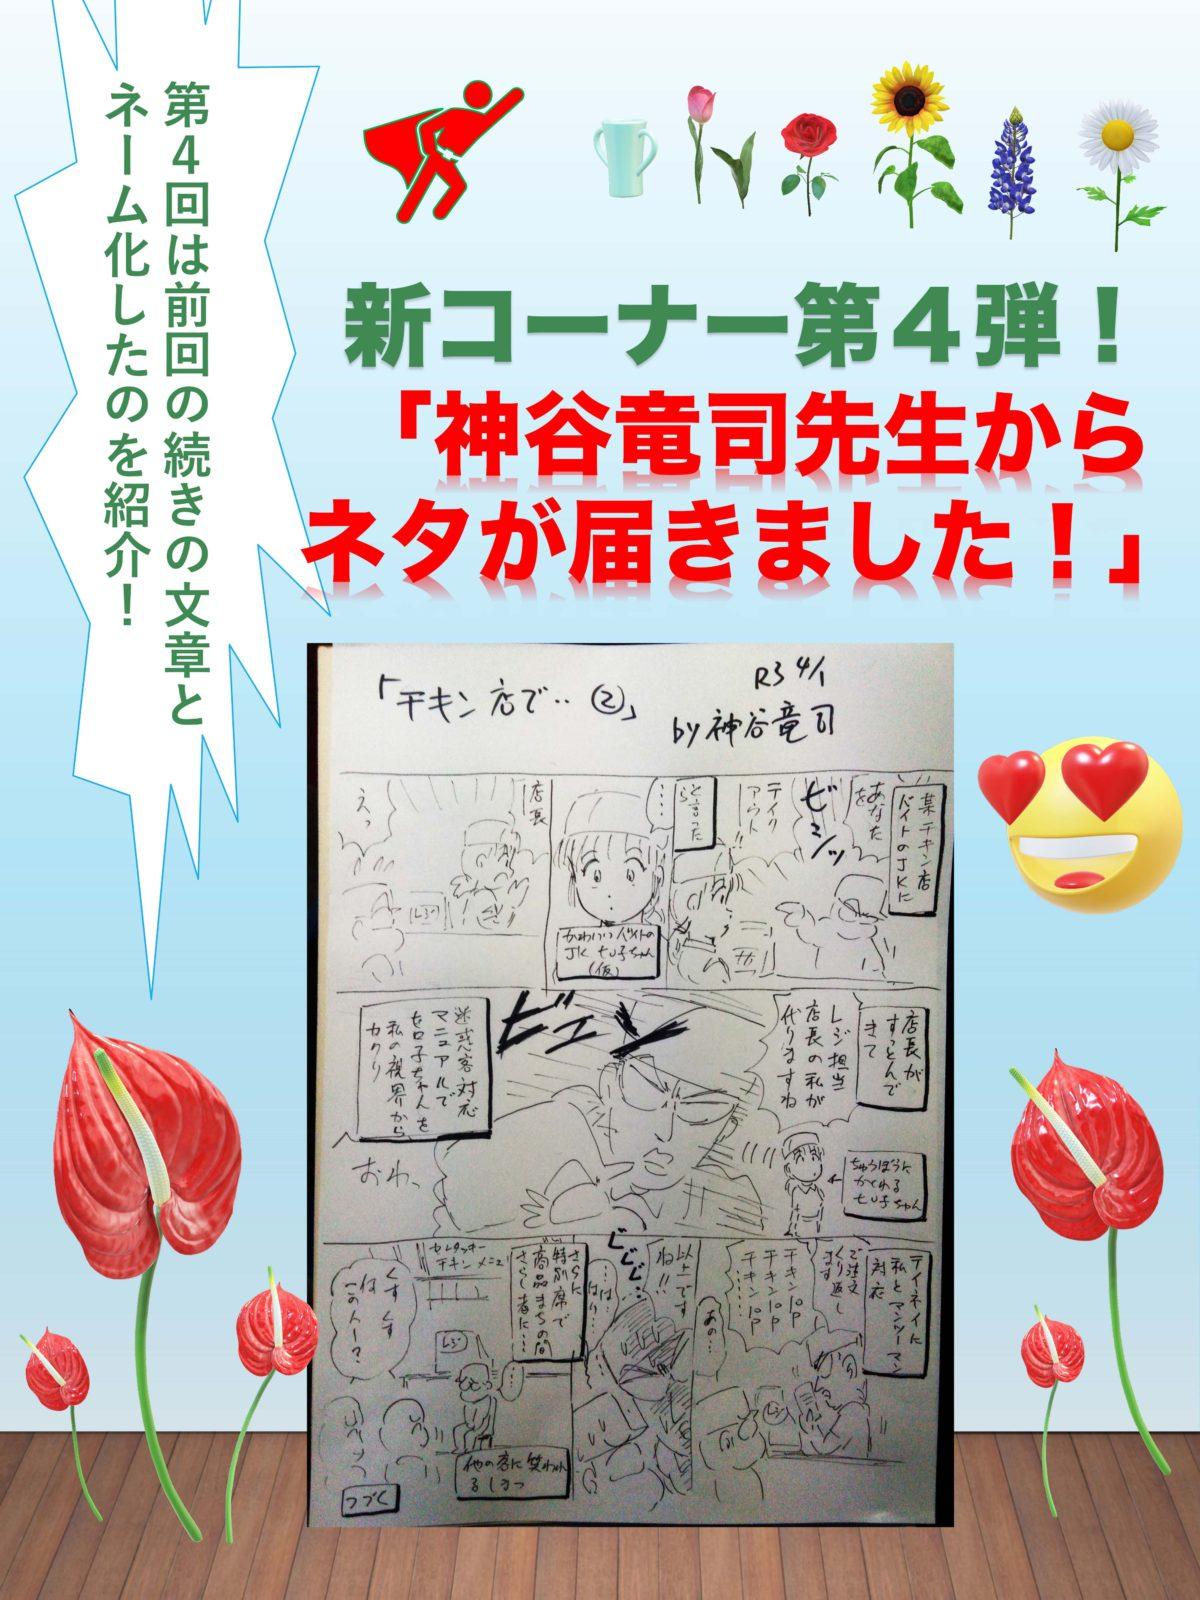 今回は1ネタ!「神谷竜司先生からネタが届きました!」その4です!